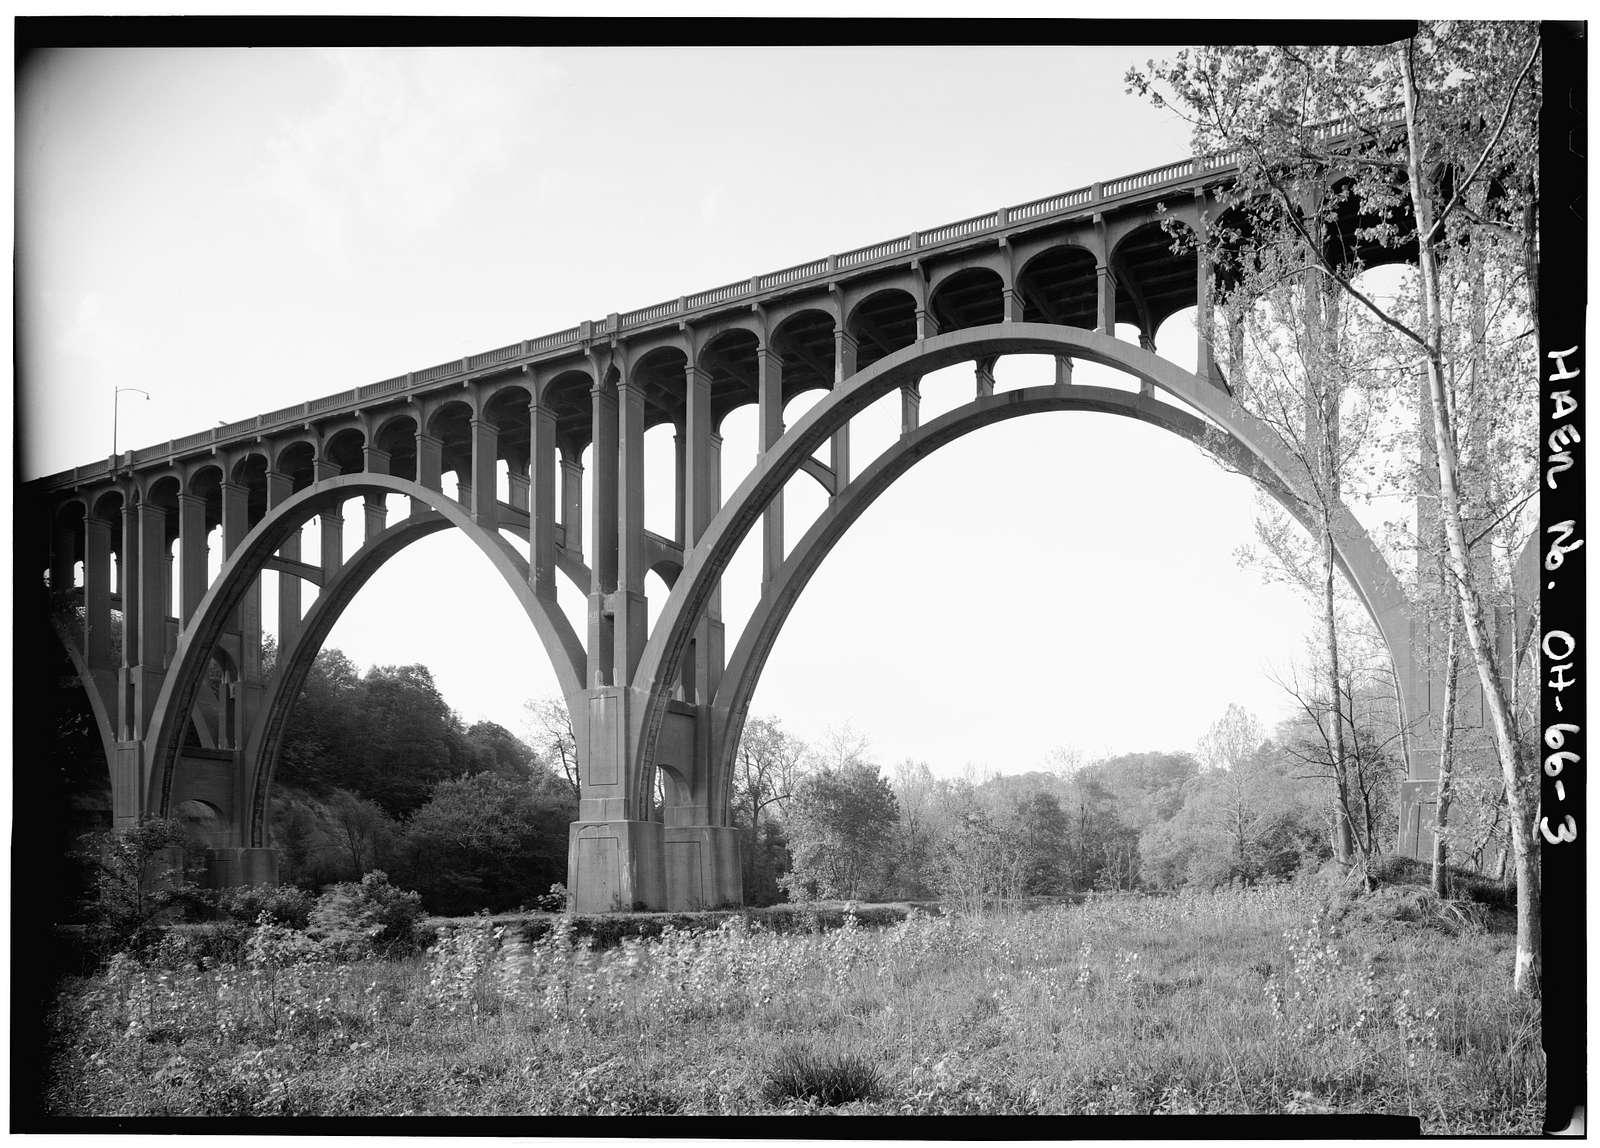 Brecksville-Northfield High Level Bridge, Spanning Cuyahoga River Between Brecksville & Northfield, Brecksville, Cuyahoga County, OH